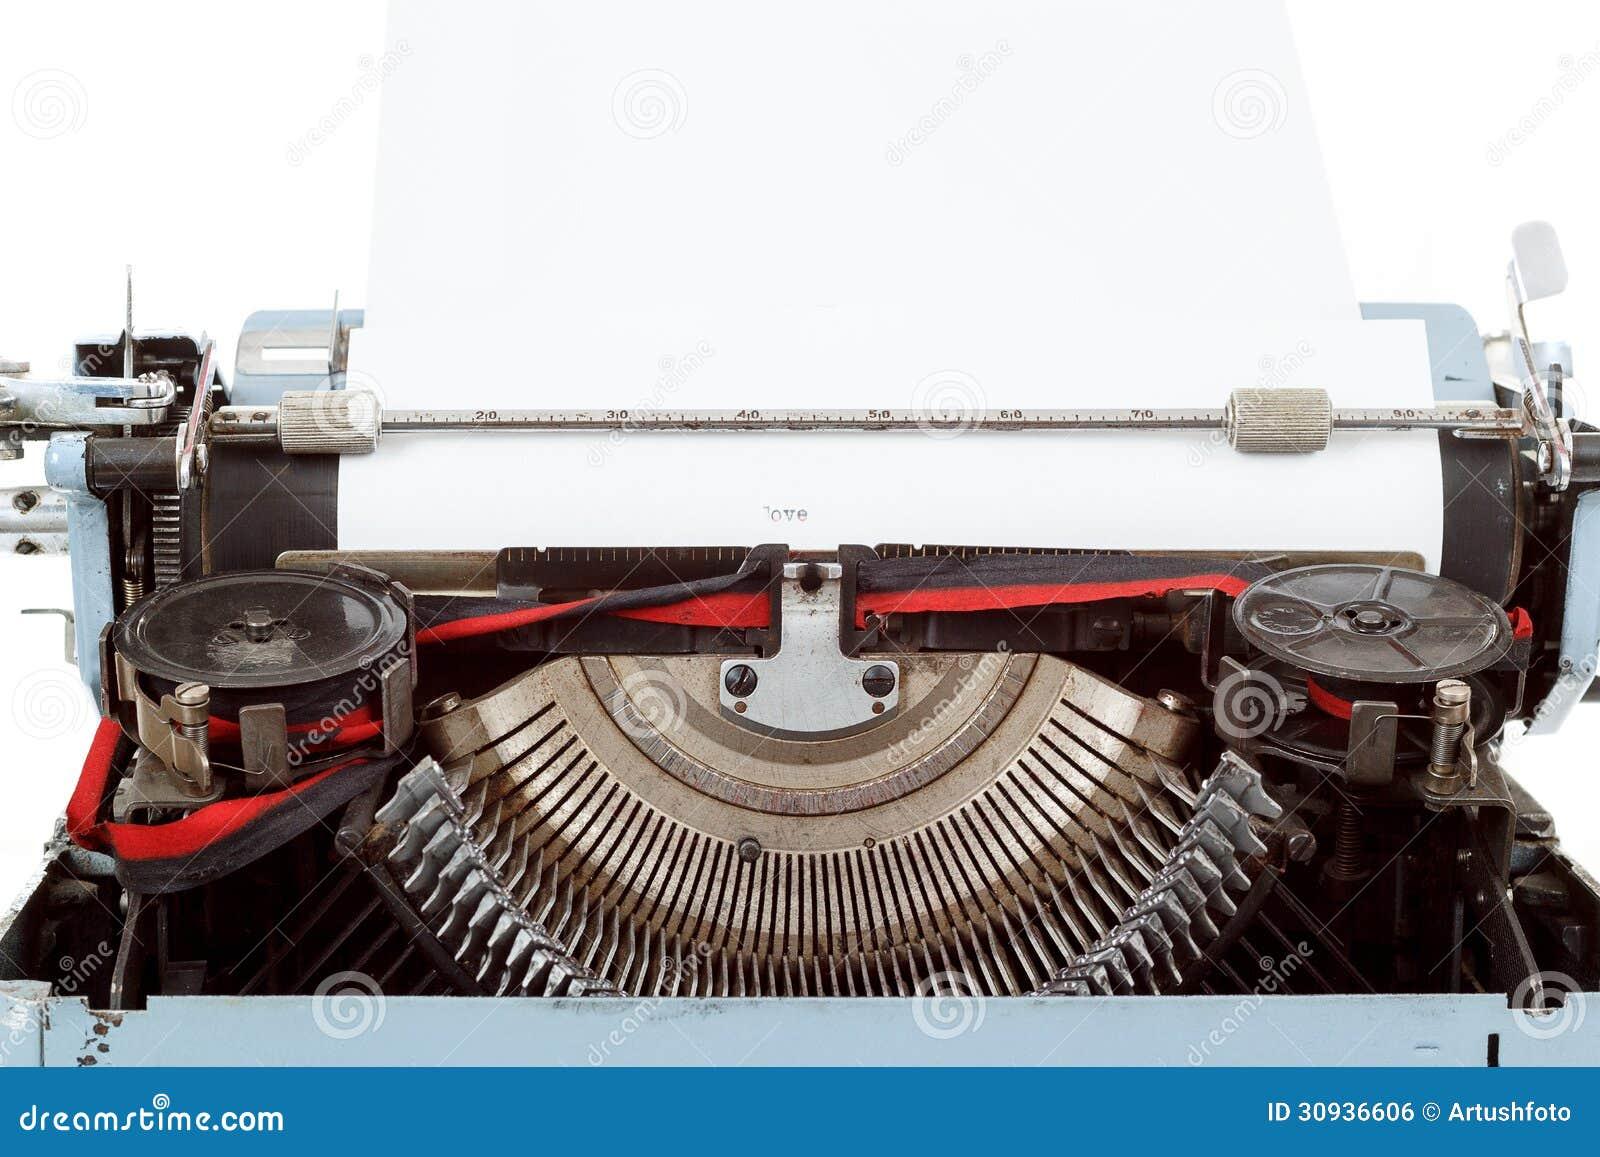 College paper writer typewriter